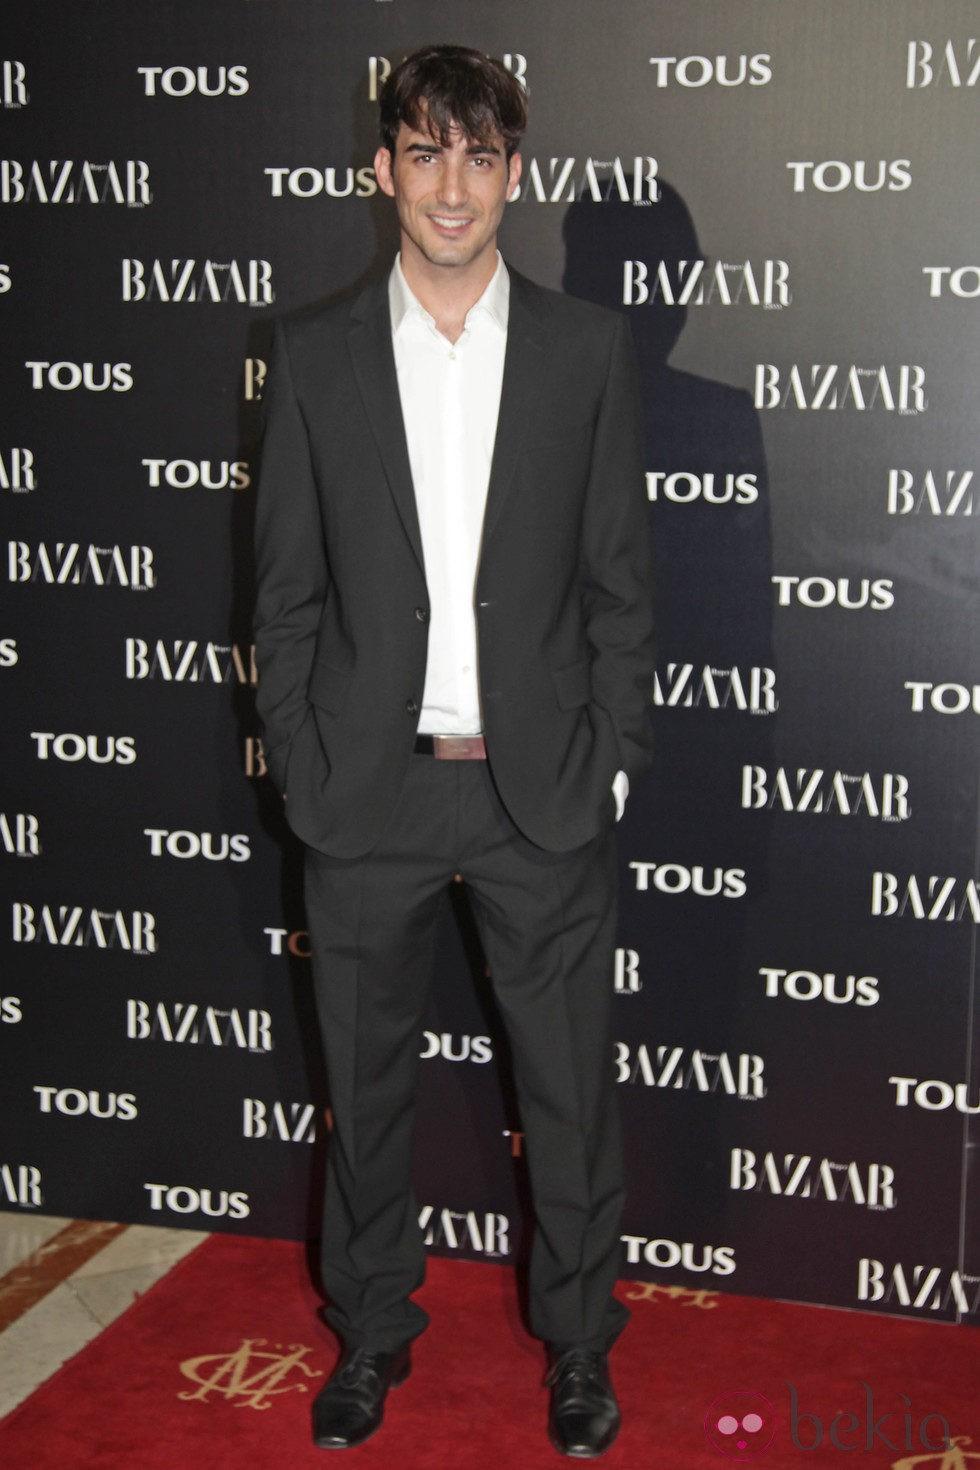 Israel Rodríguez en la fiesta organizada por Tous y Harper's Bazaar